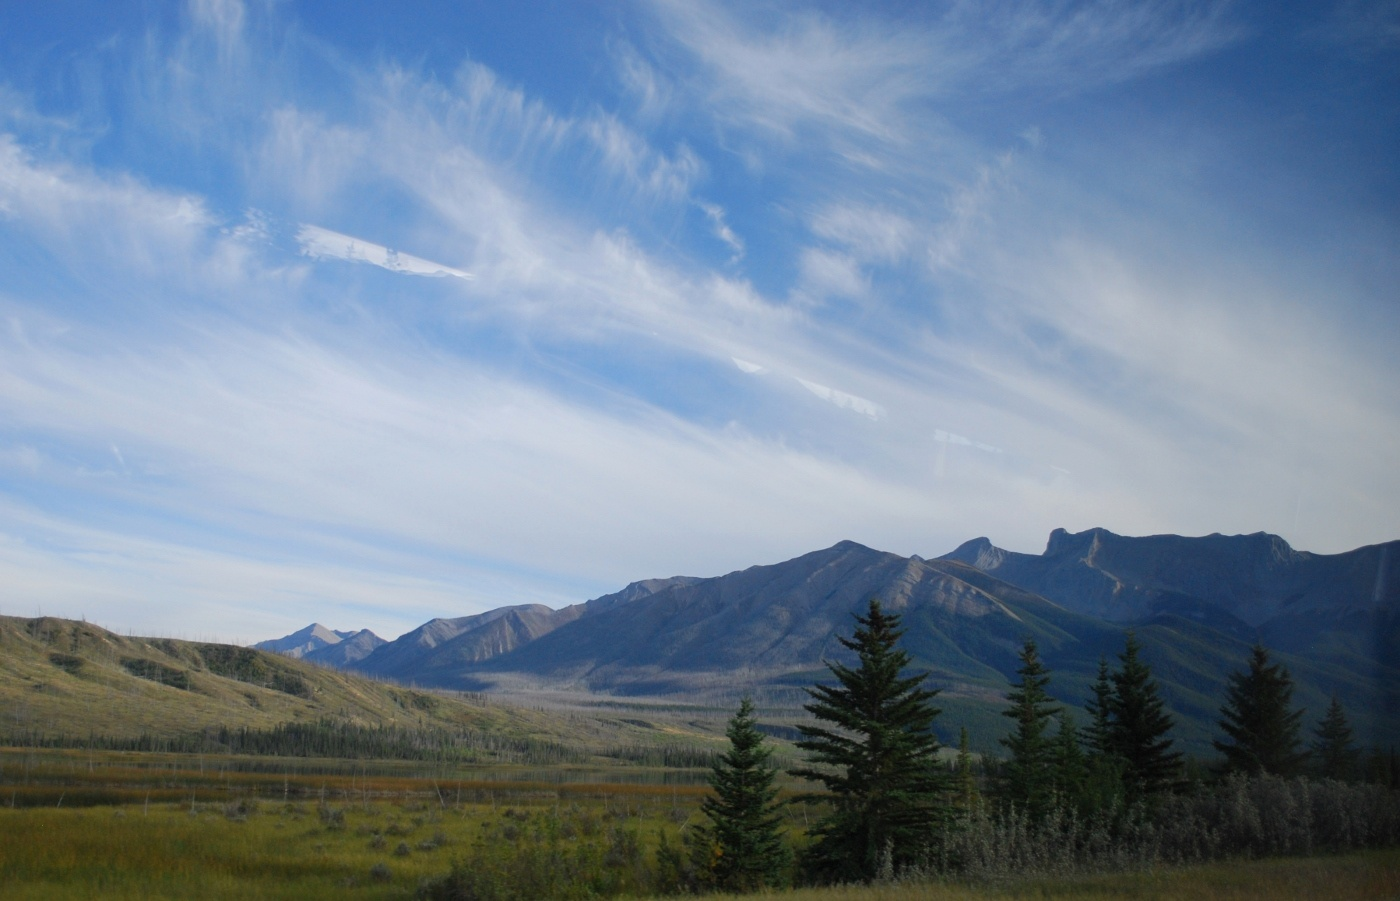 Canada-Jasper-Parque-Nacional-Montanhas-Rochosas-Jasper-National-Park-Alberta-Nathalia-Molina-@ComoViaja-4